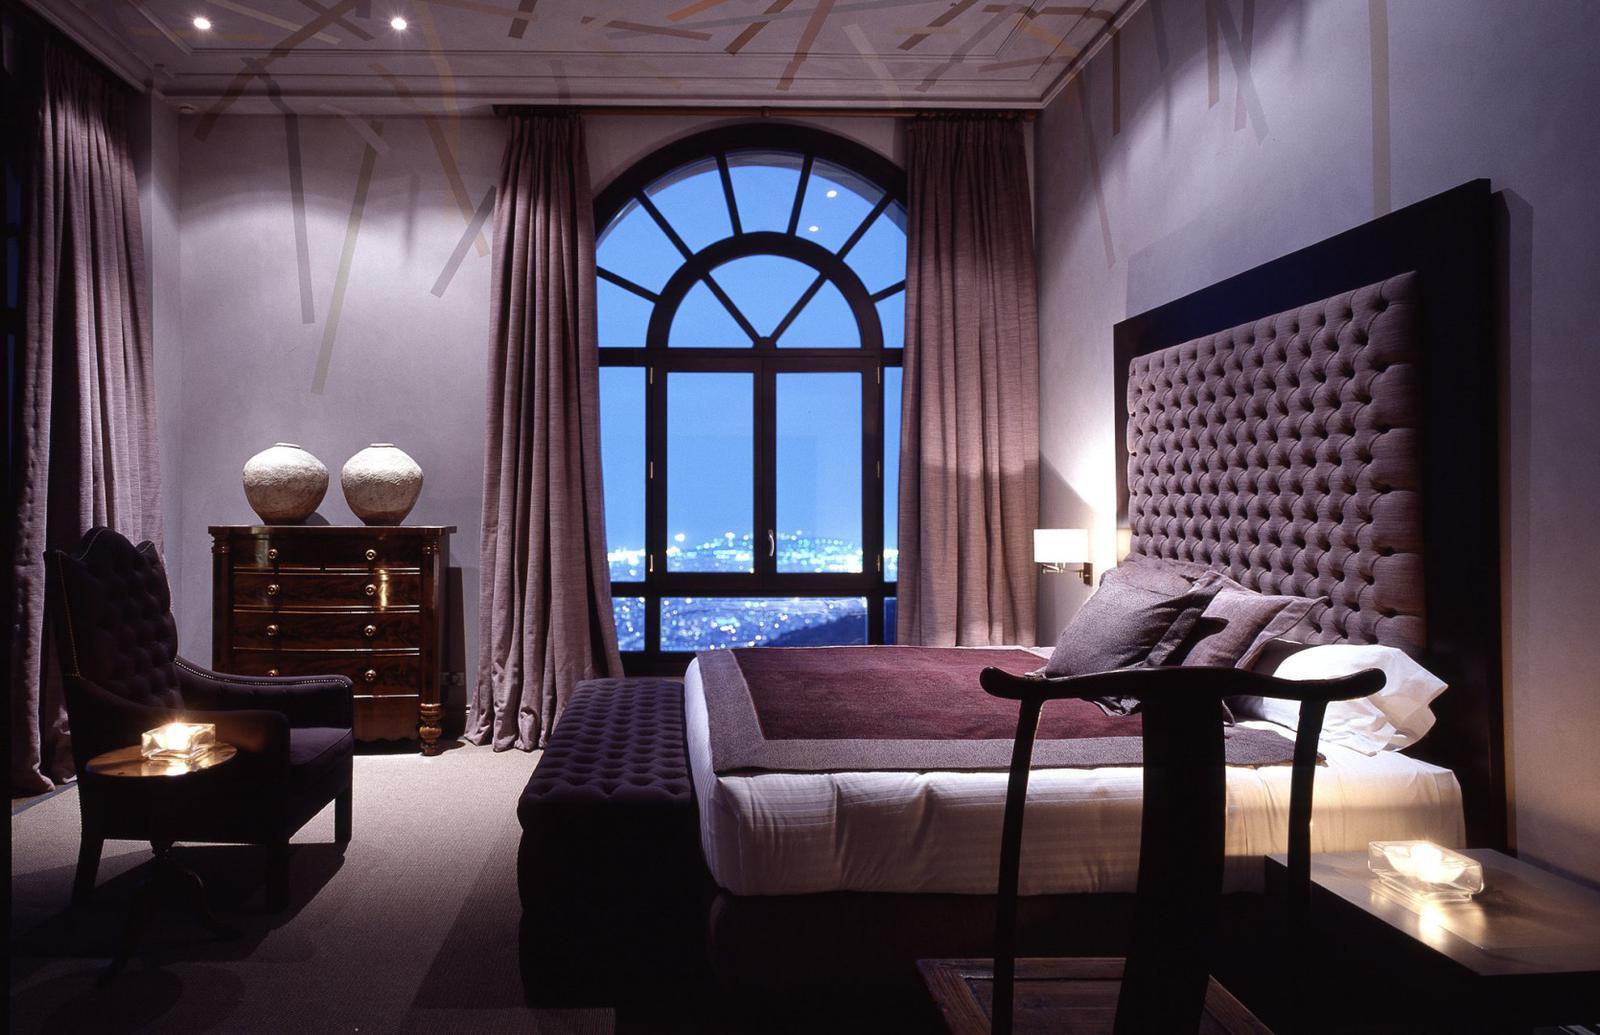 descubre 5 hoteles de lujo baratos en espa a